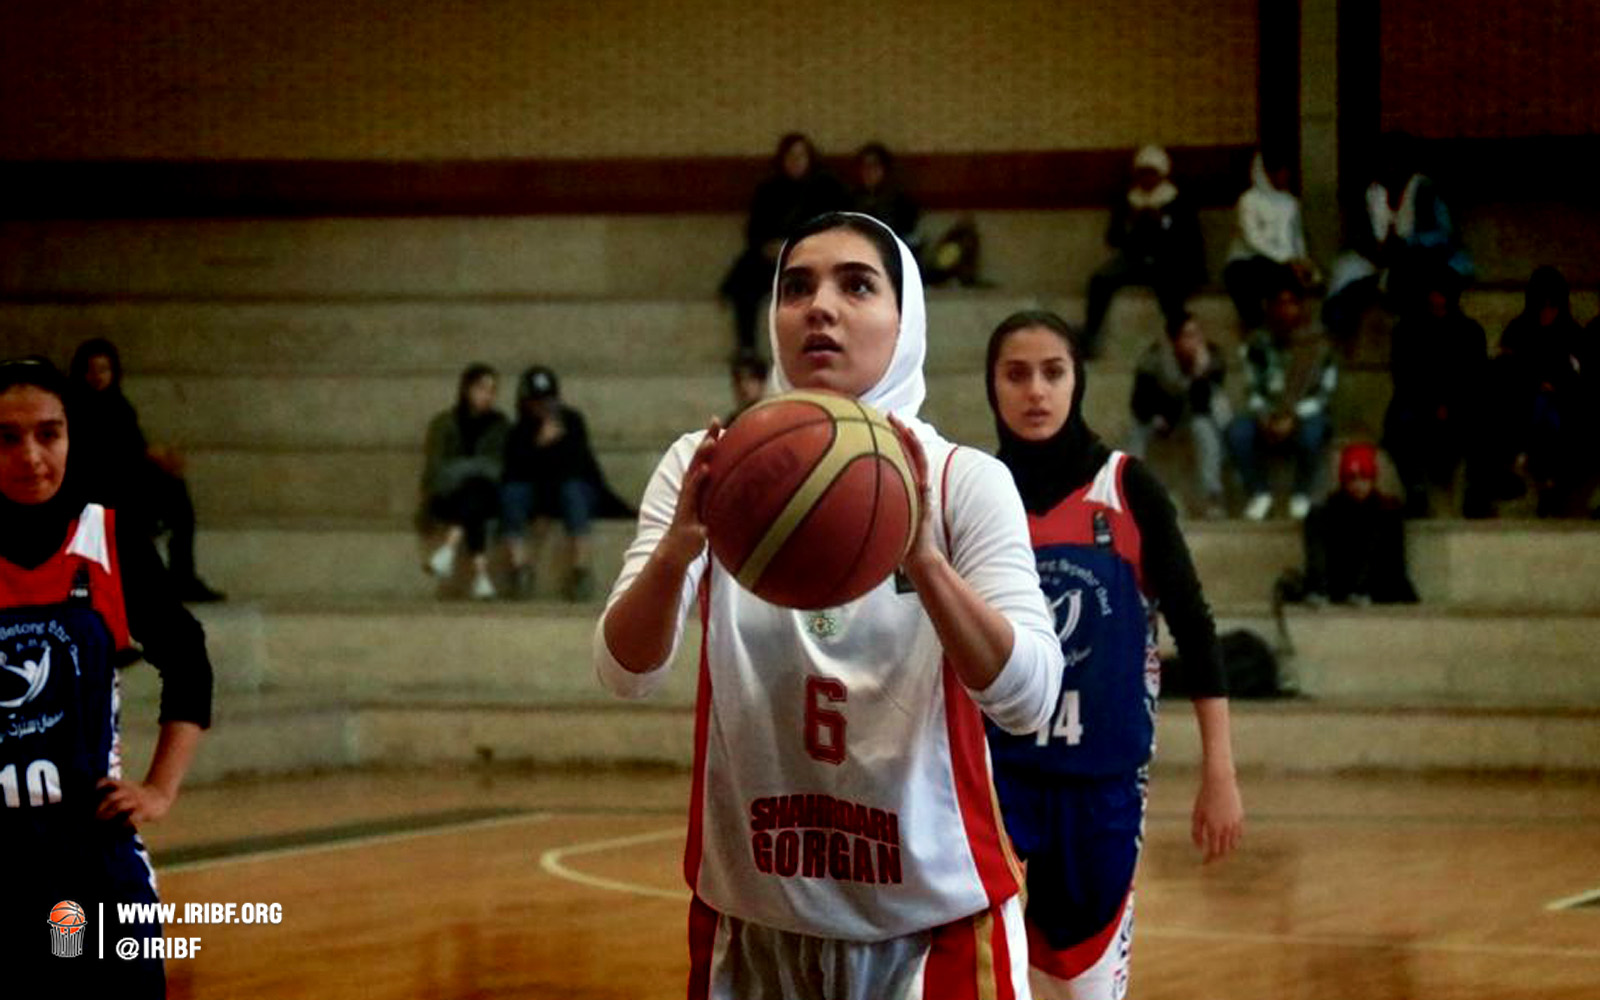 بیک لیکلی: گرگان به صورت مشروط در فینال لیگ بسکتبال شرکت میکند